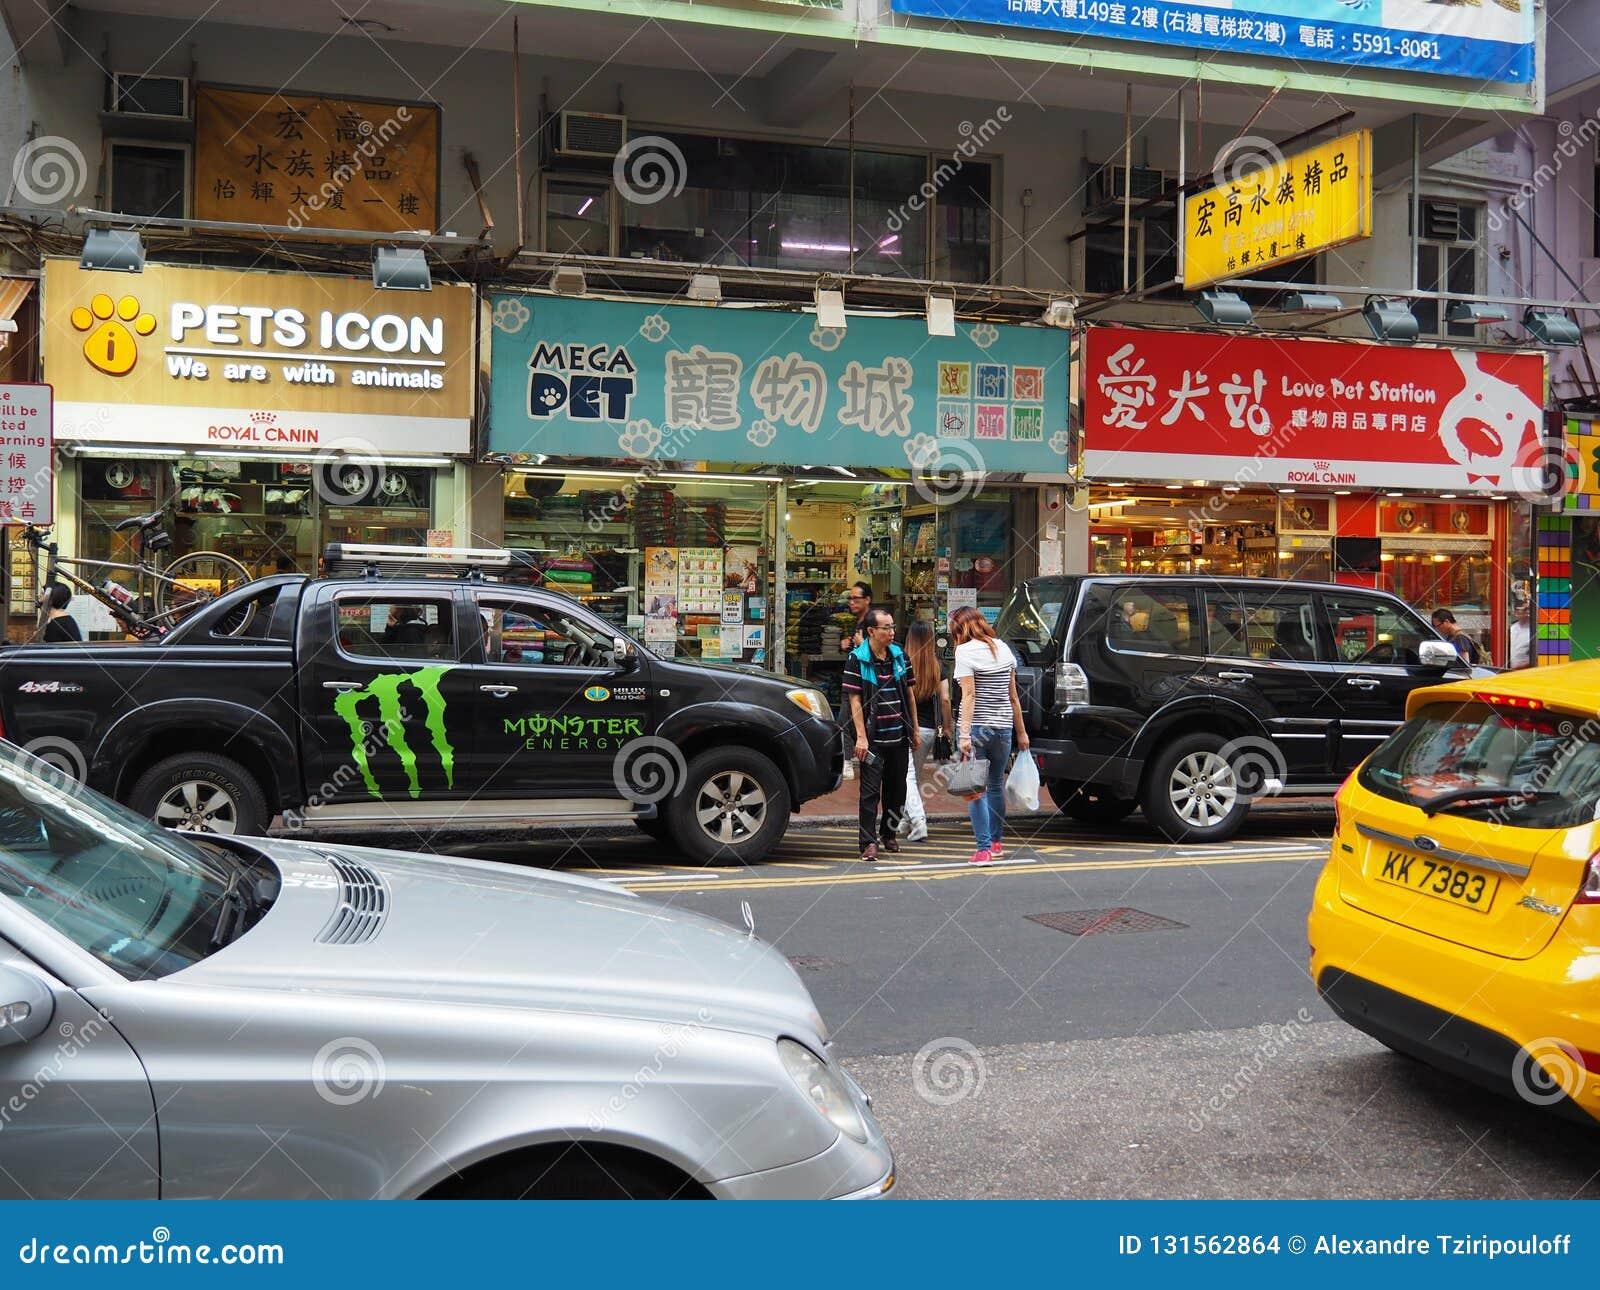 Une image des divers magasins de bêtes à la rue de Tung Choi en Hong Kong